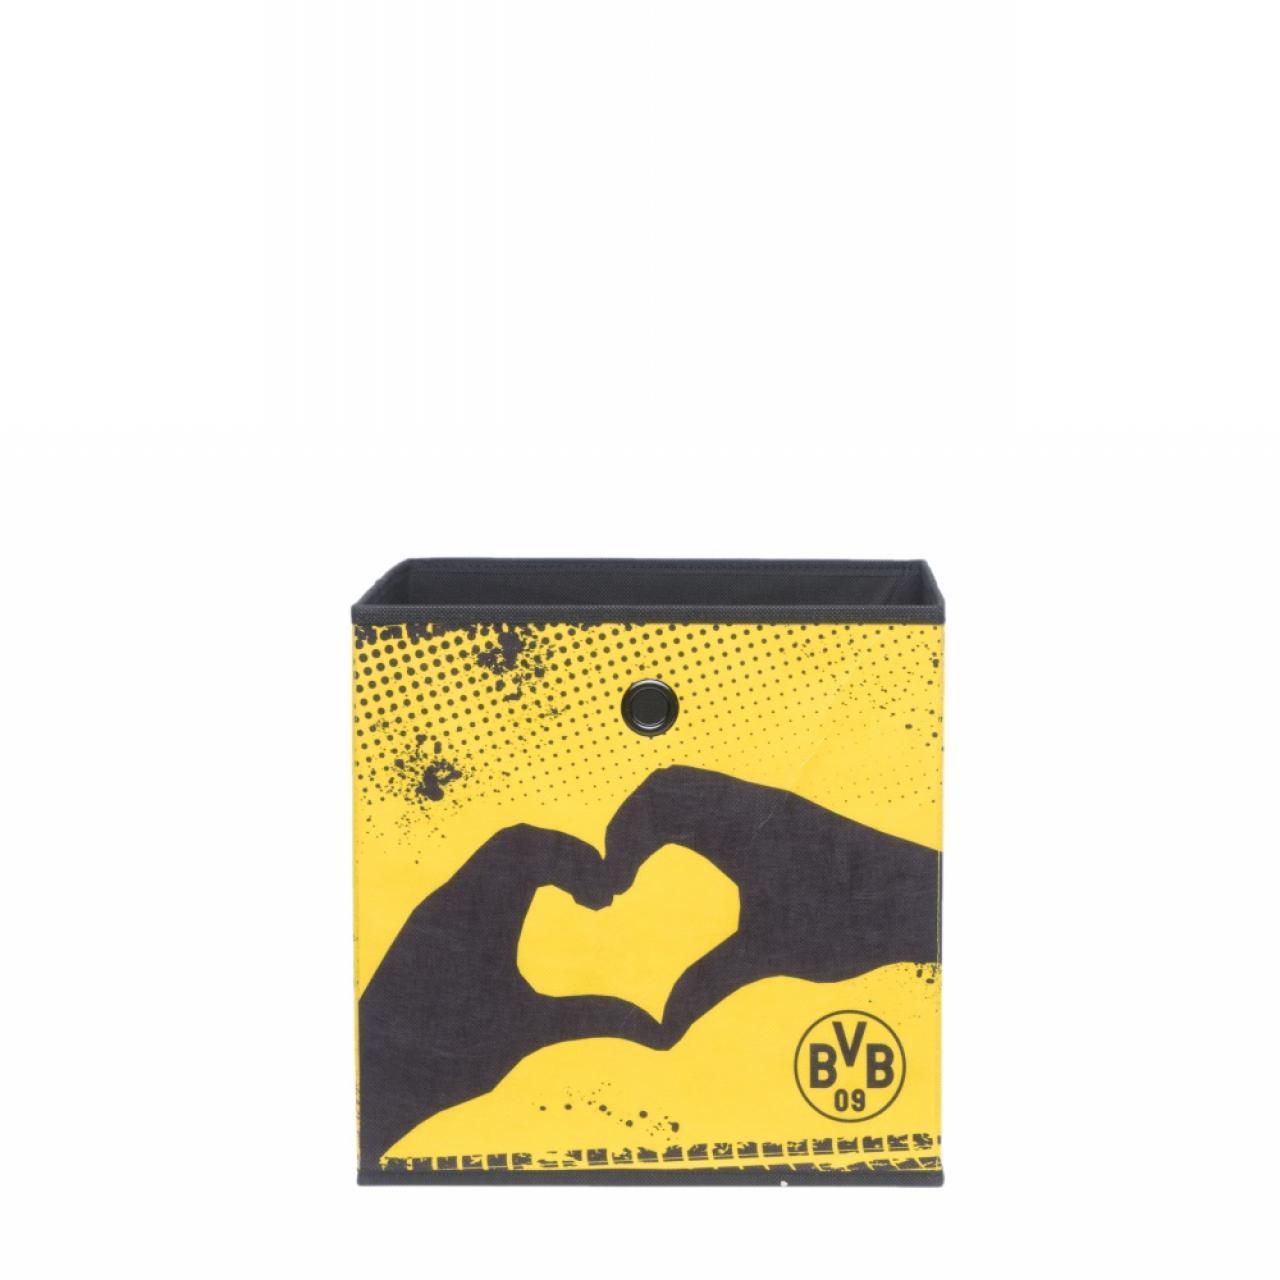 Faltbox mit Emblem und Herz Borussia Dortmund